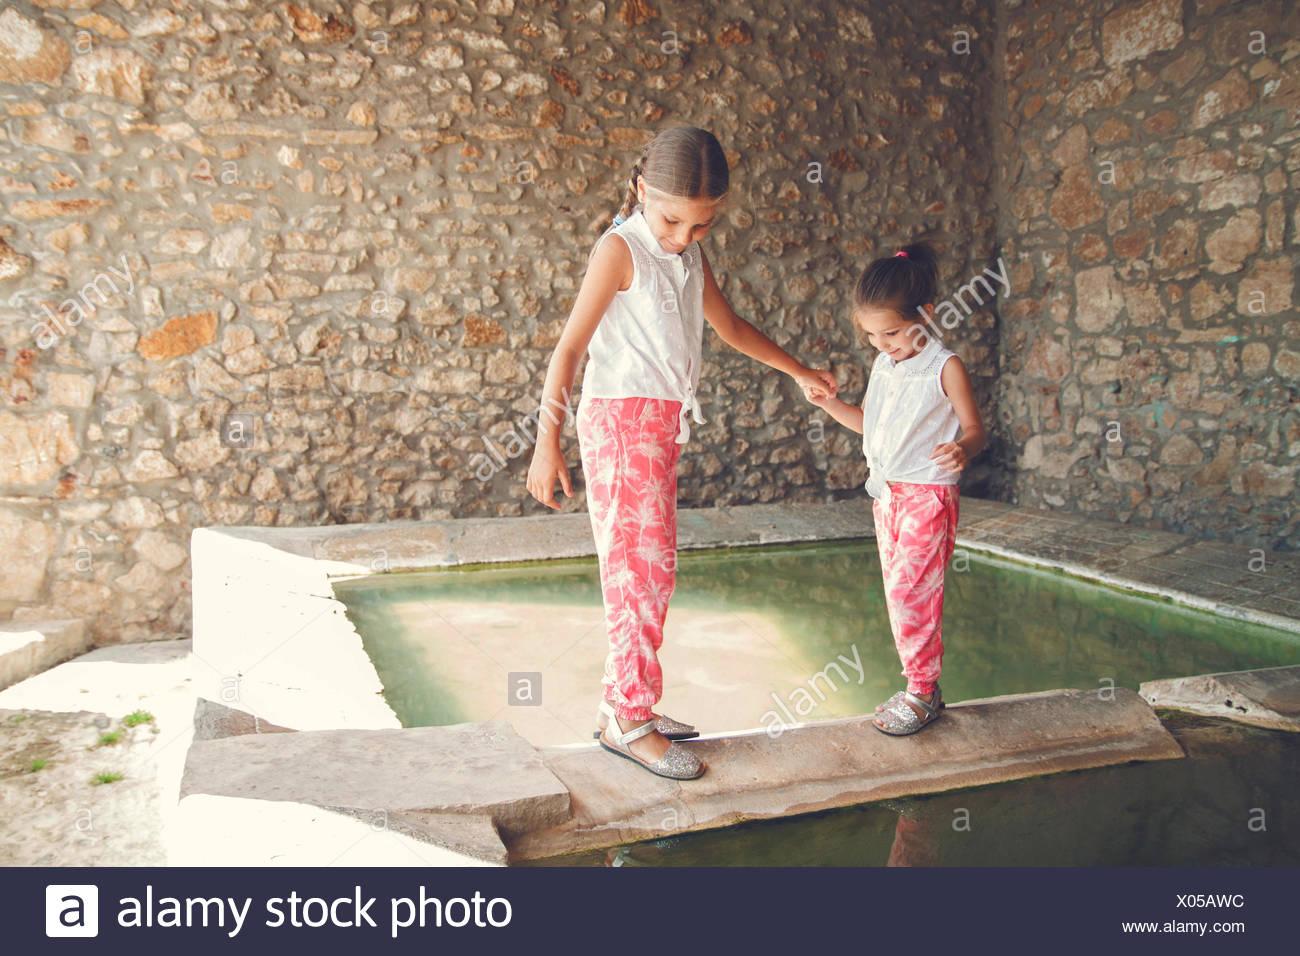 Zwei Mädchen zu Fuß entlang der Kante von einer Lache des Wassers Stockbild